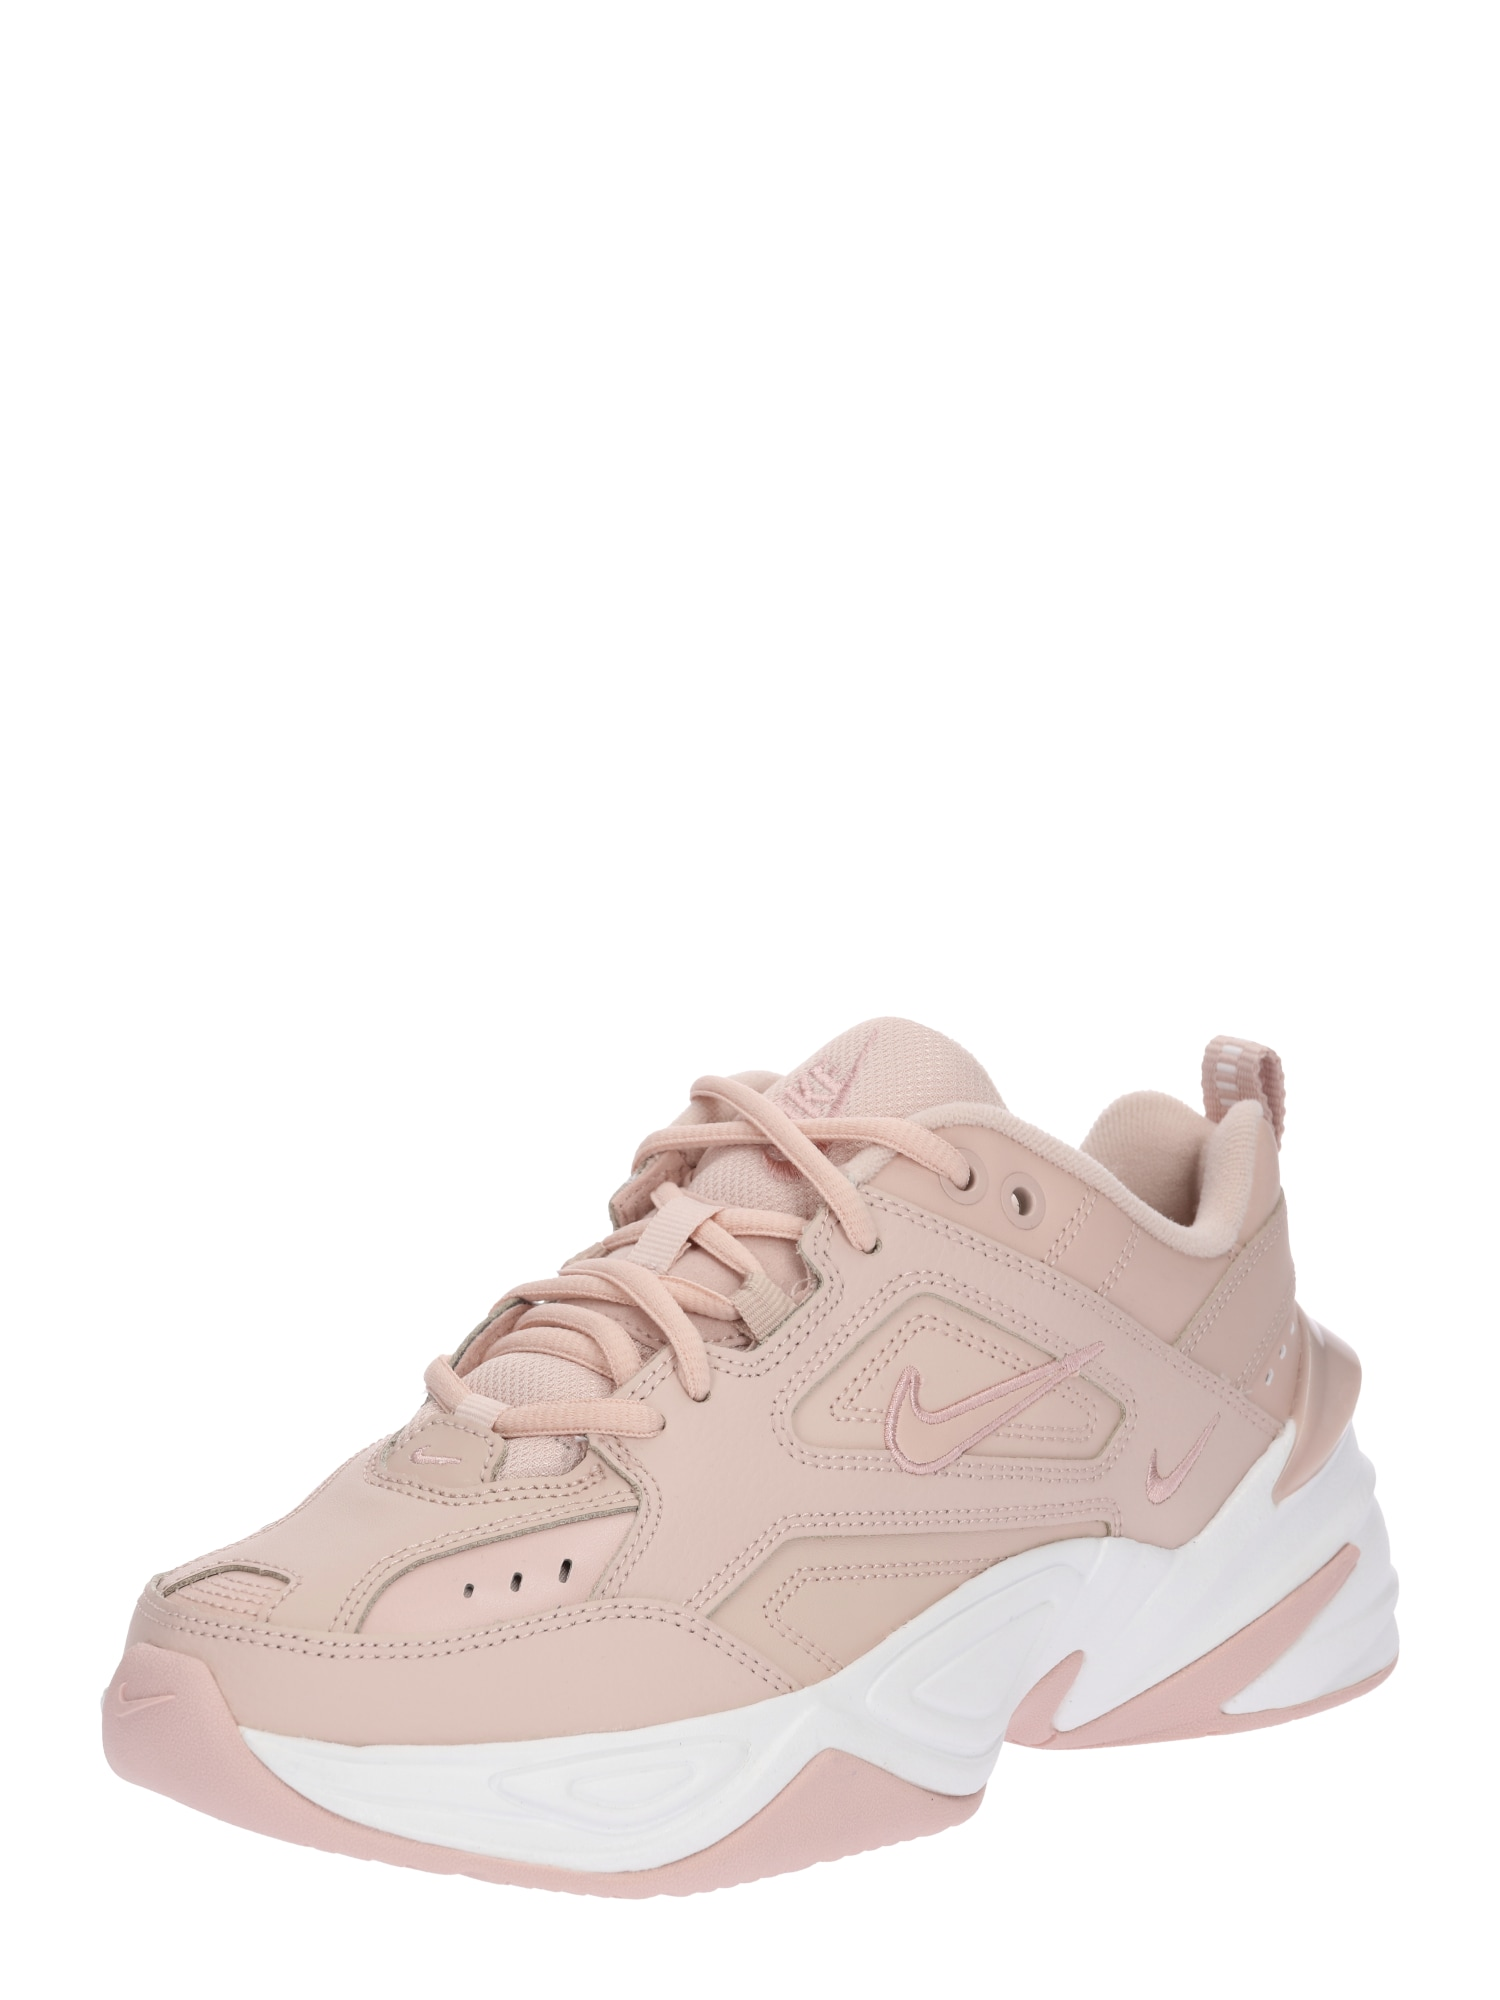 Nike Sportswear, Dames Sneakers laag 'M2K Tekno', oudroze